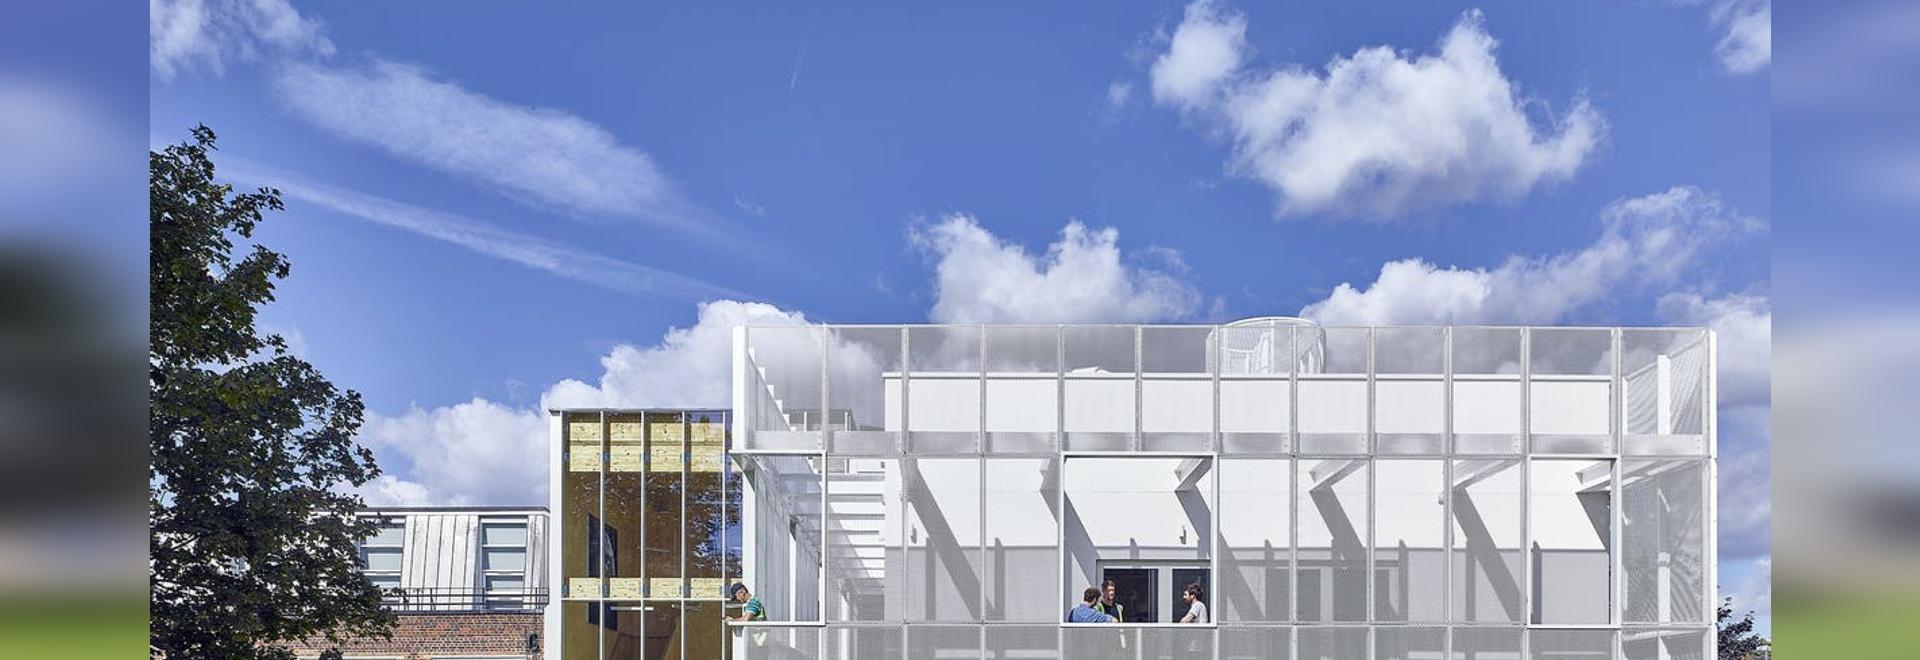 La Oficina de Proyectos Urbanos apoya la educación de STEAM con un edificio escolar recién terminado